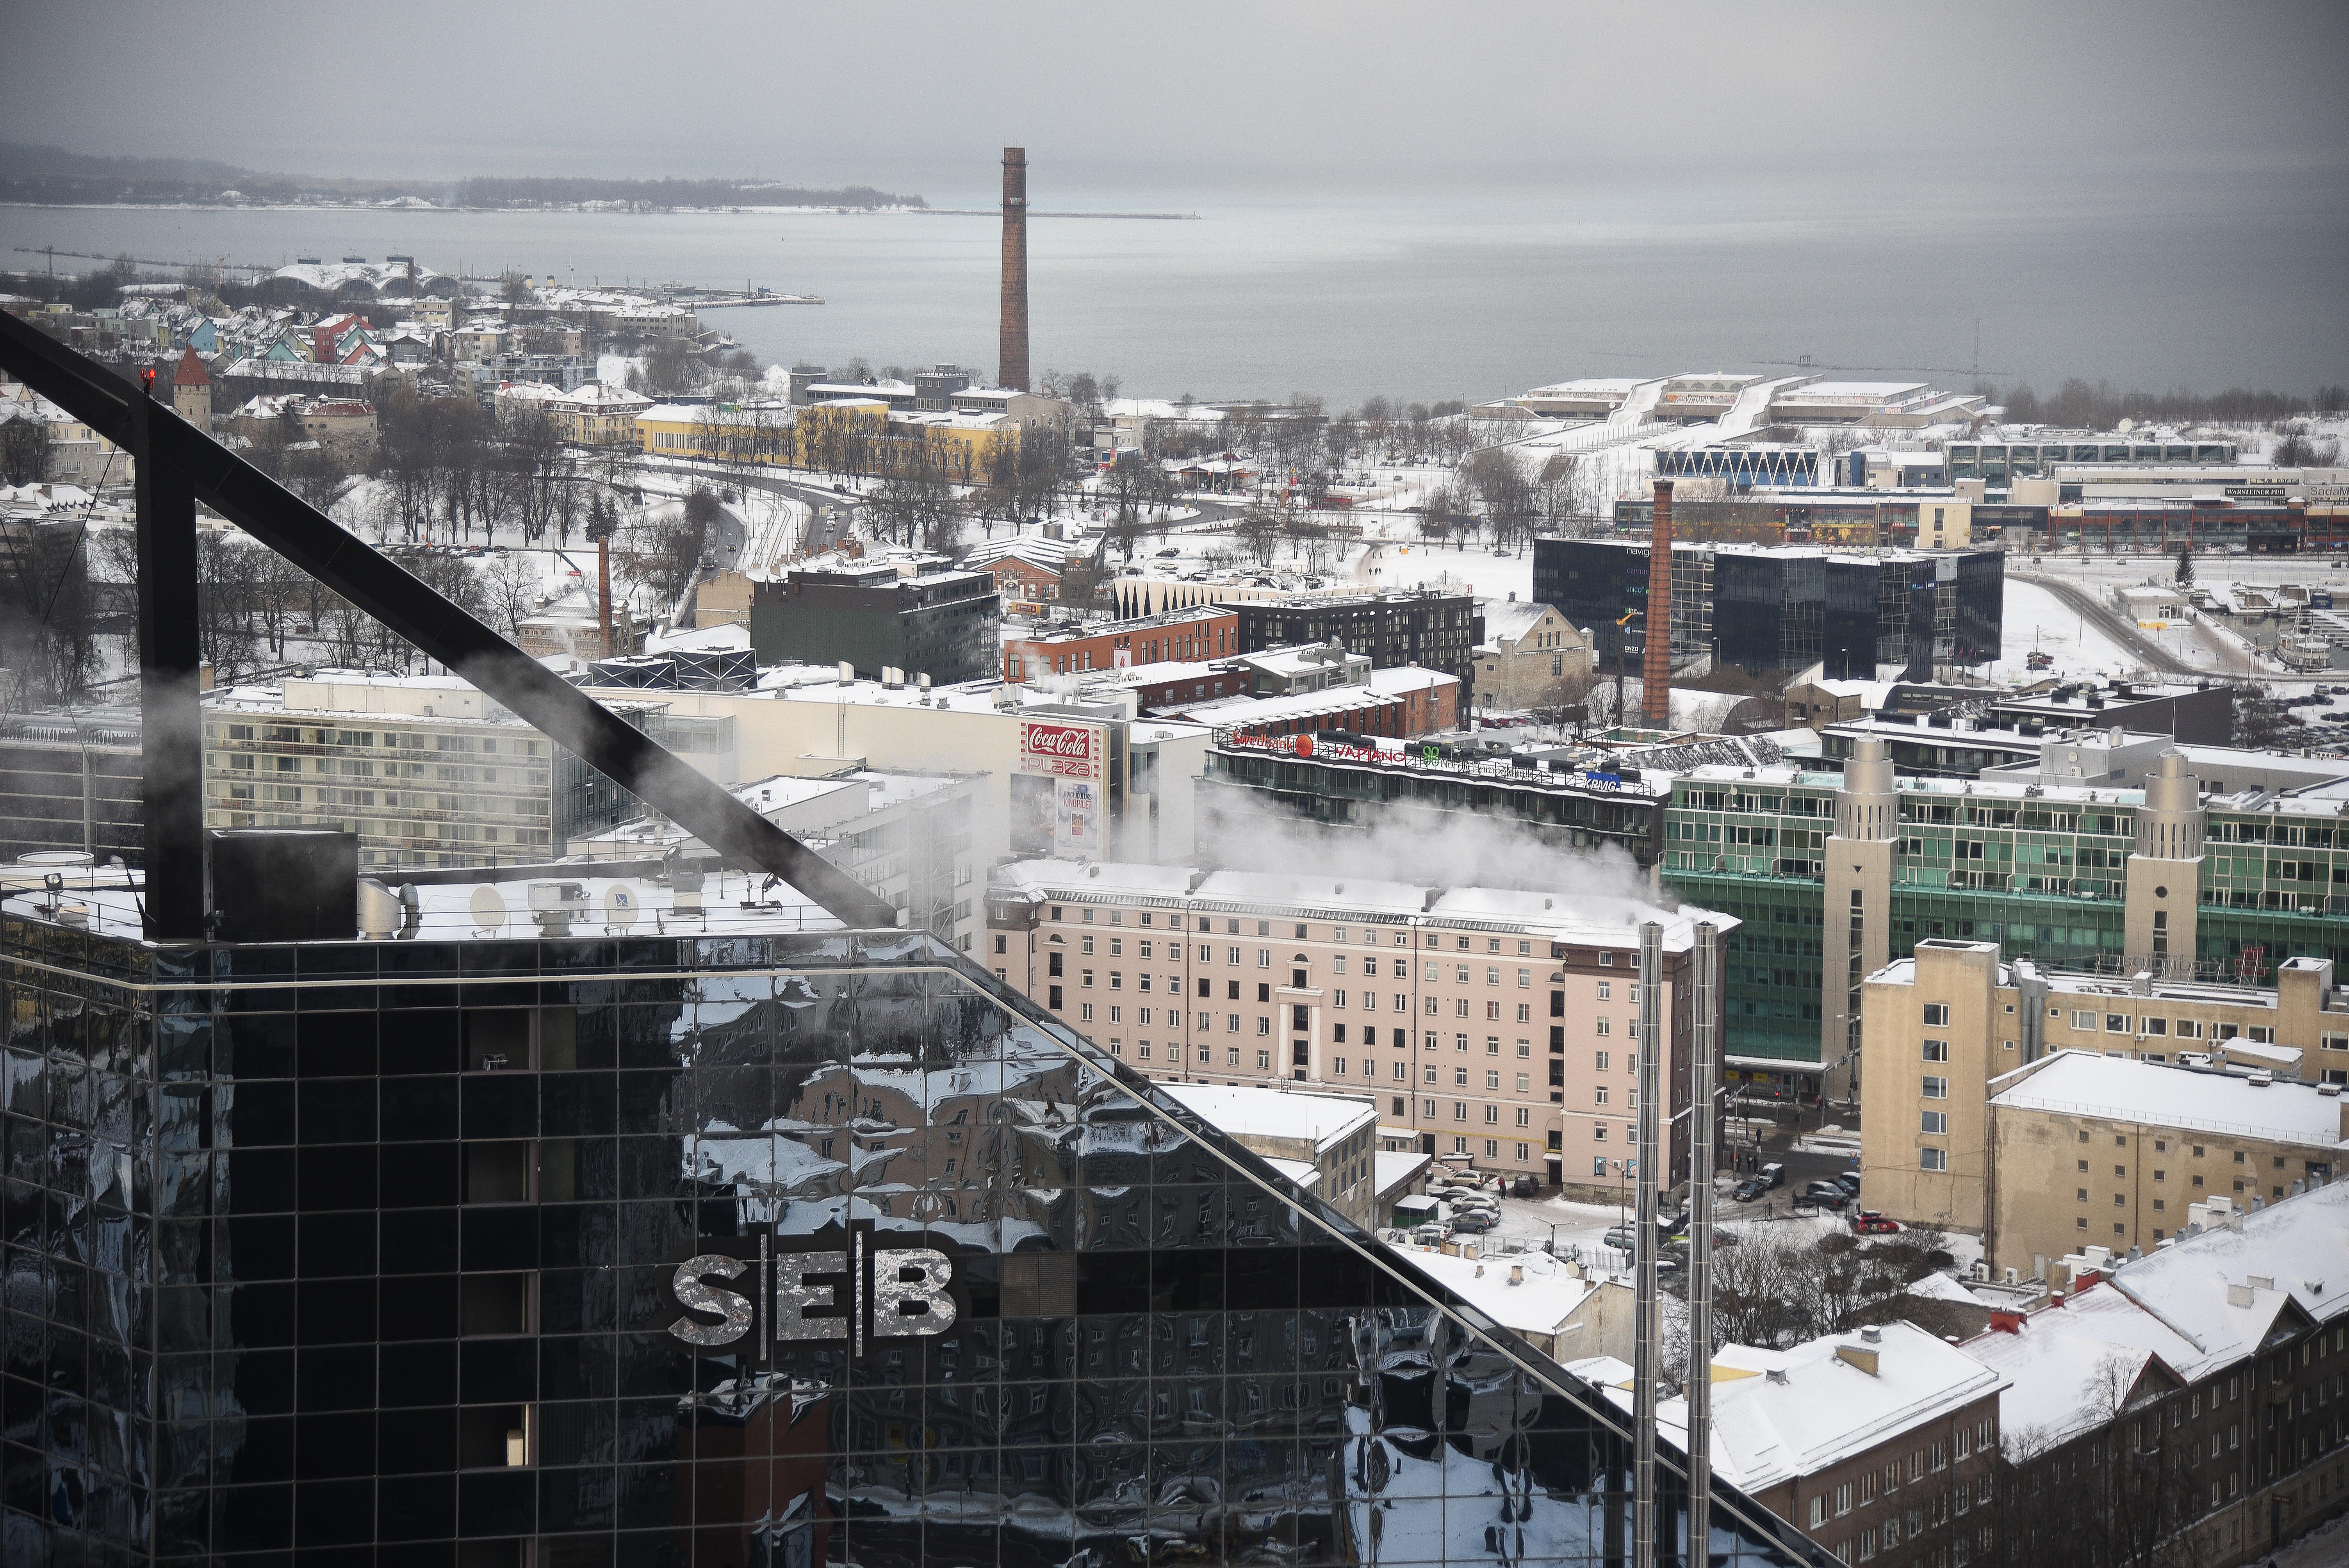 Tallinn, Dec 2014-Jan 2015